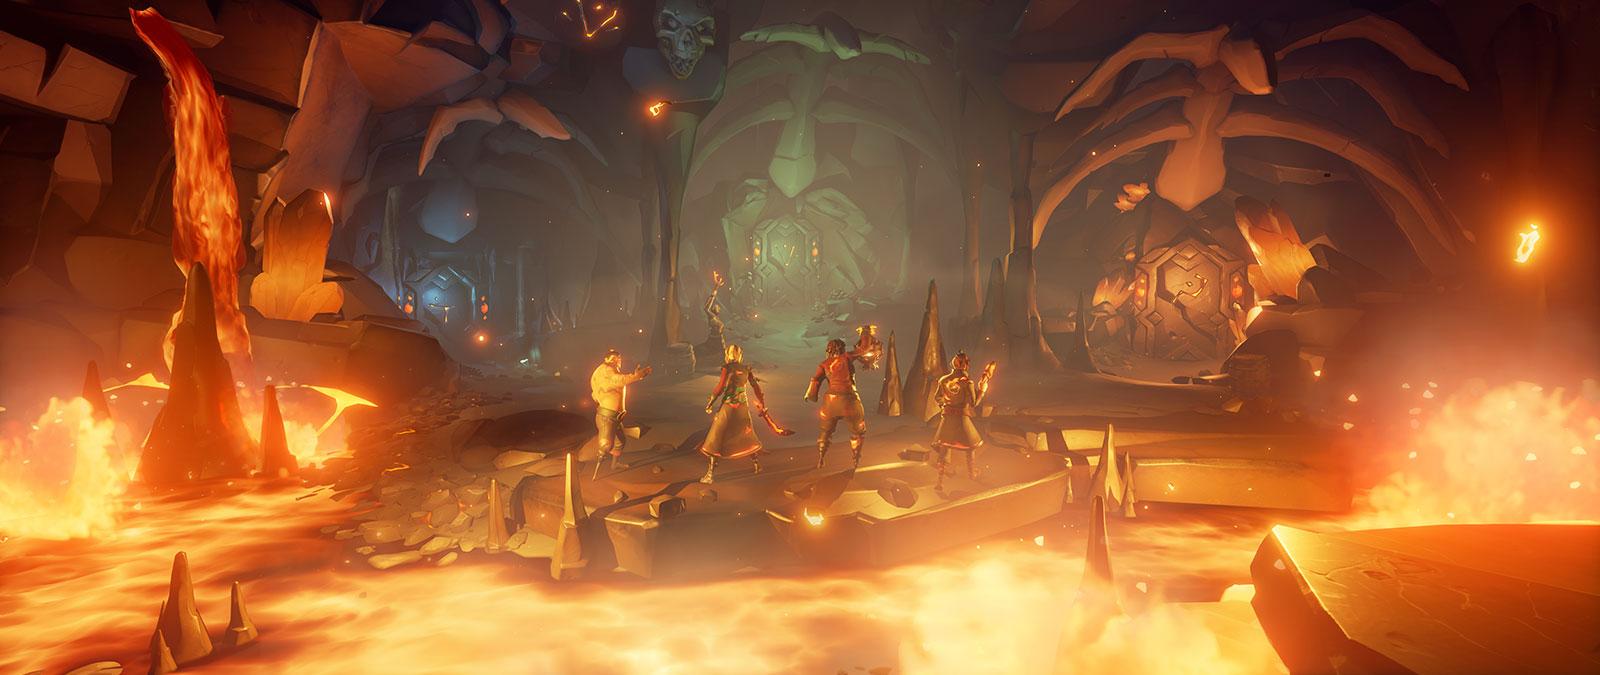 Cuatro personajes de Sea of Thieves en una cueva con lava